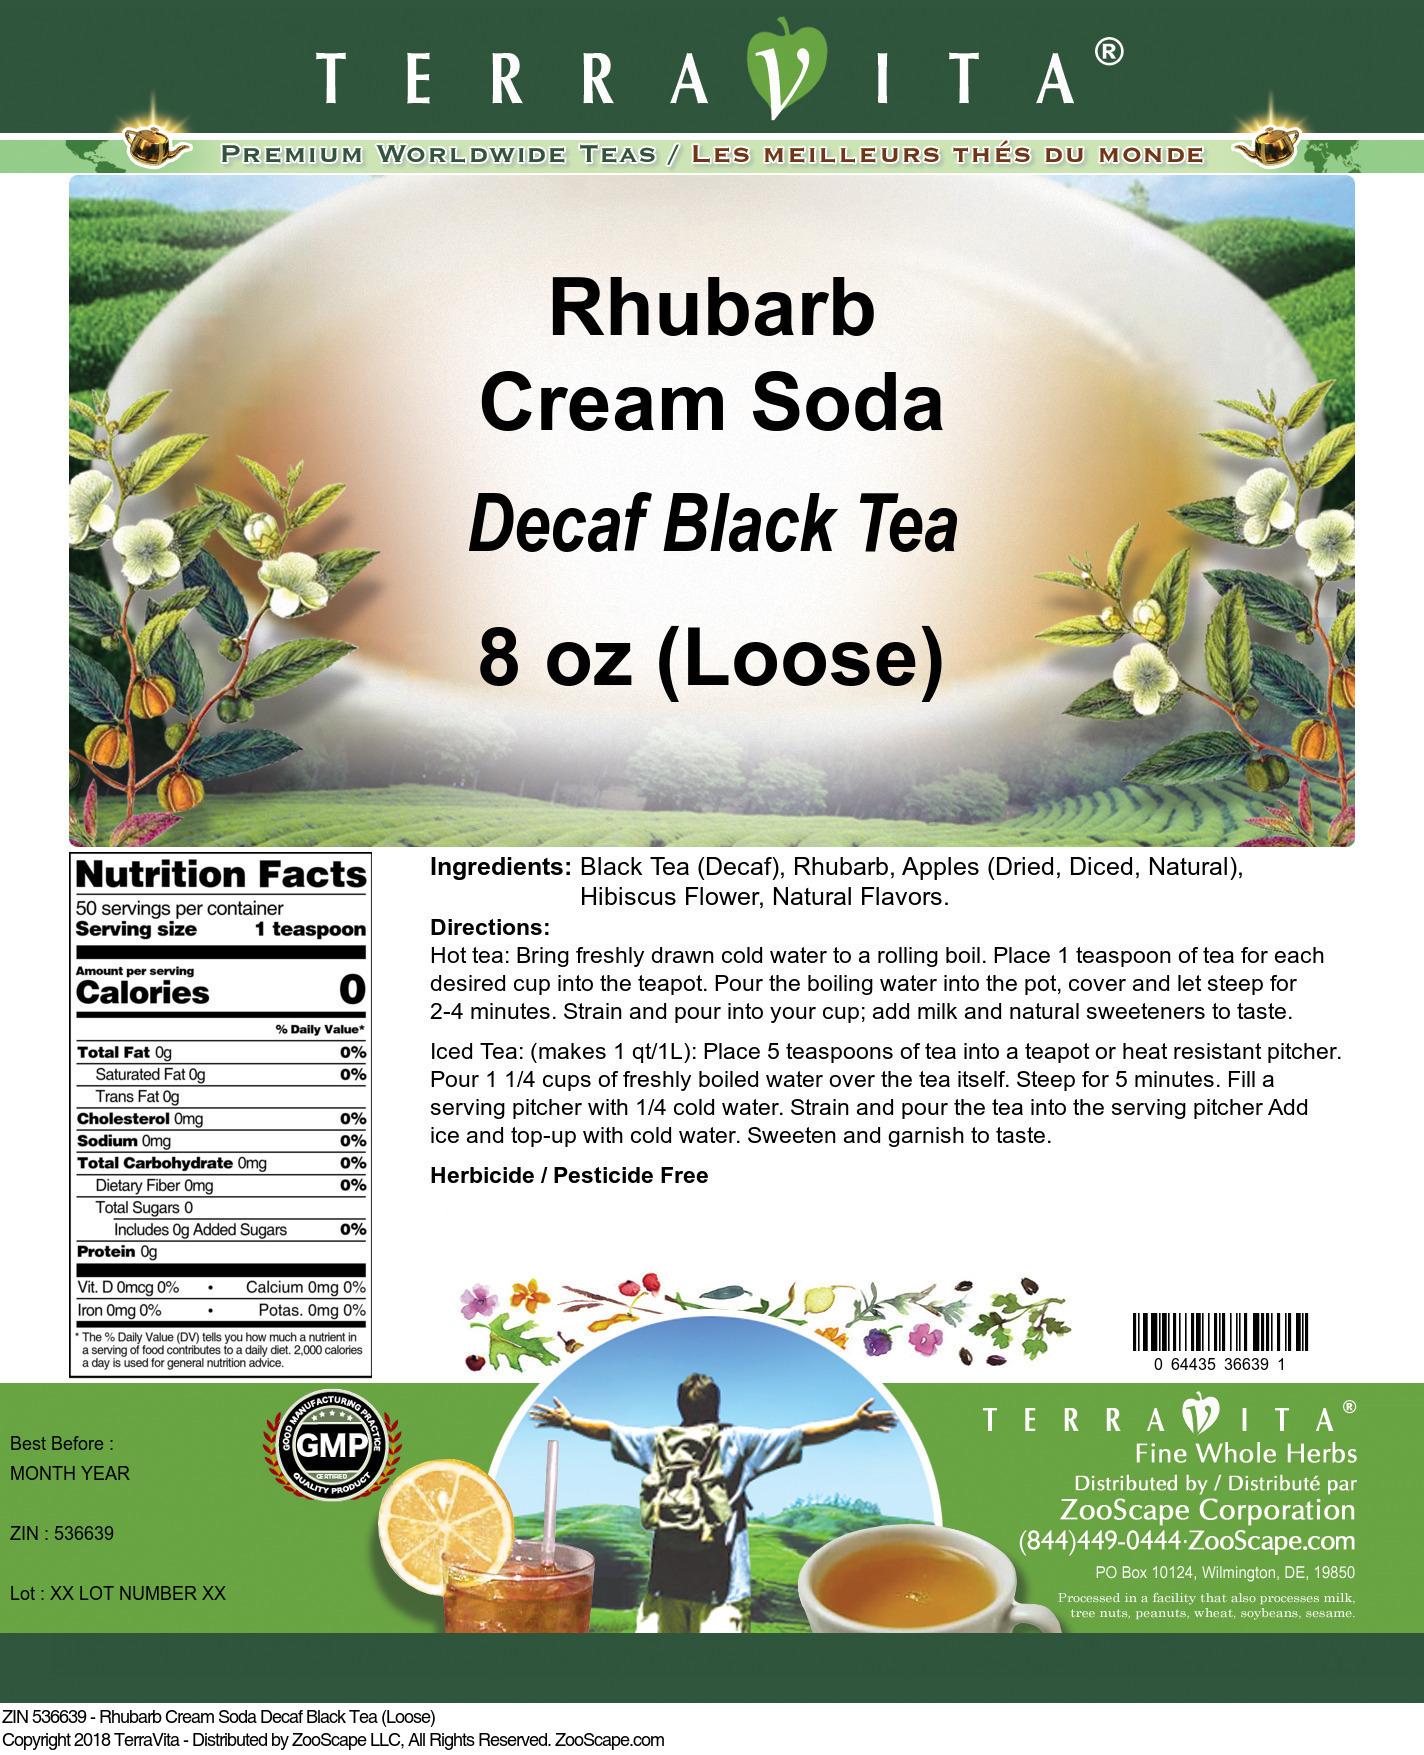 Rhubarb Cream Soda Decaf Black Tea (Loose)